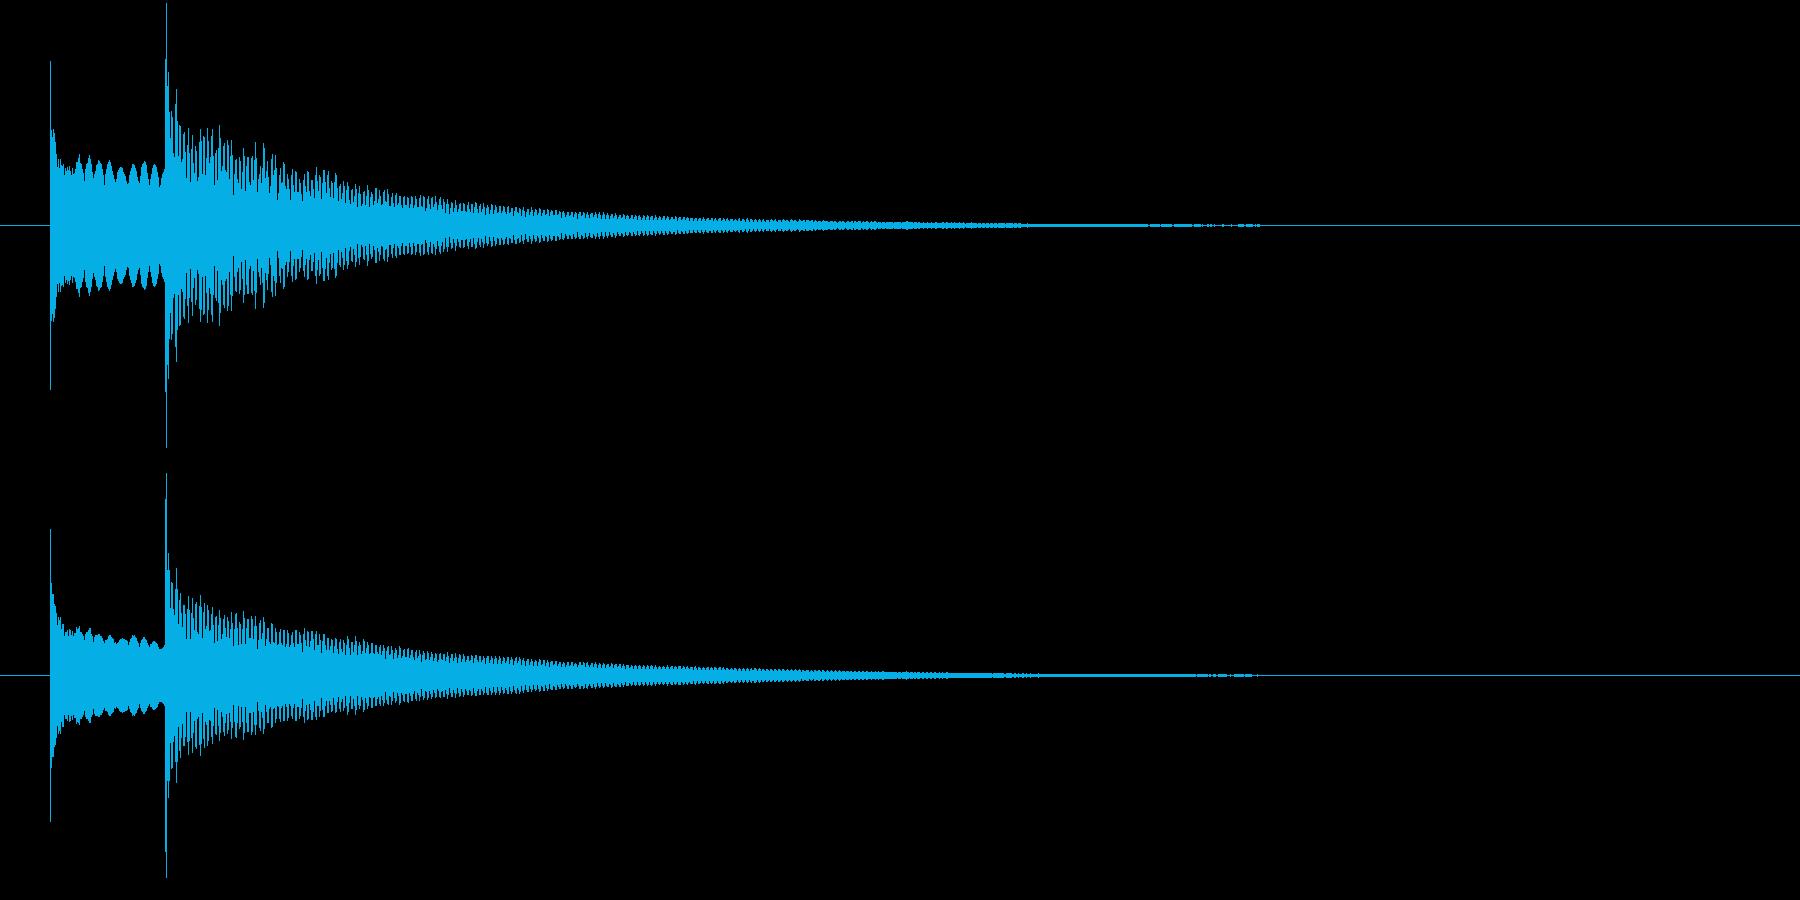 ピンポン(ドアホンの音)、正解の音の再生済みの波形